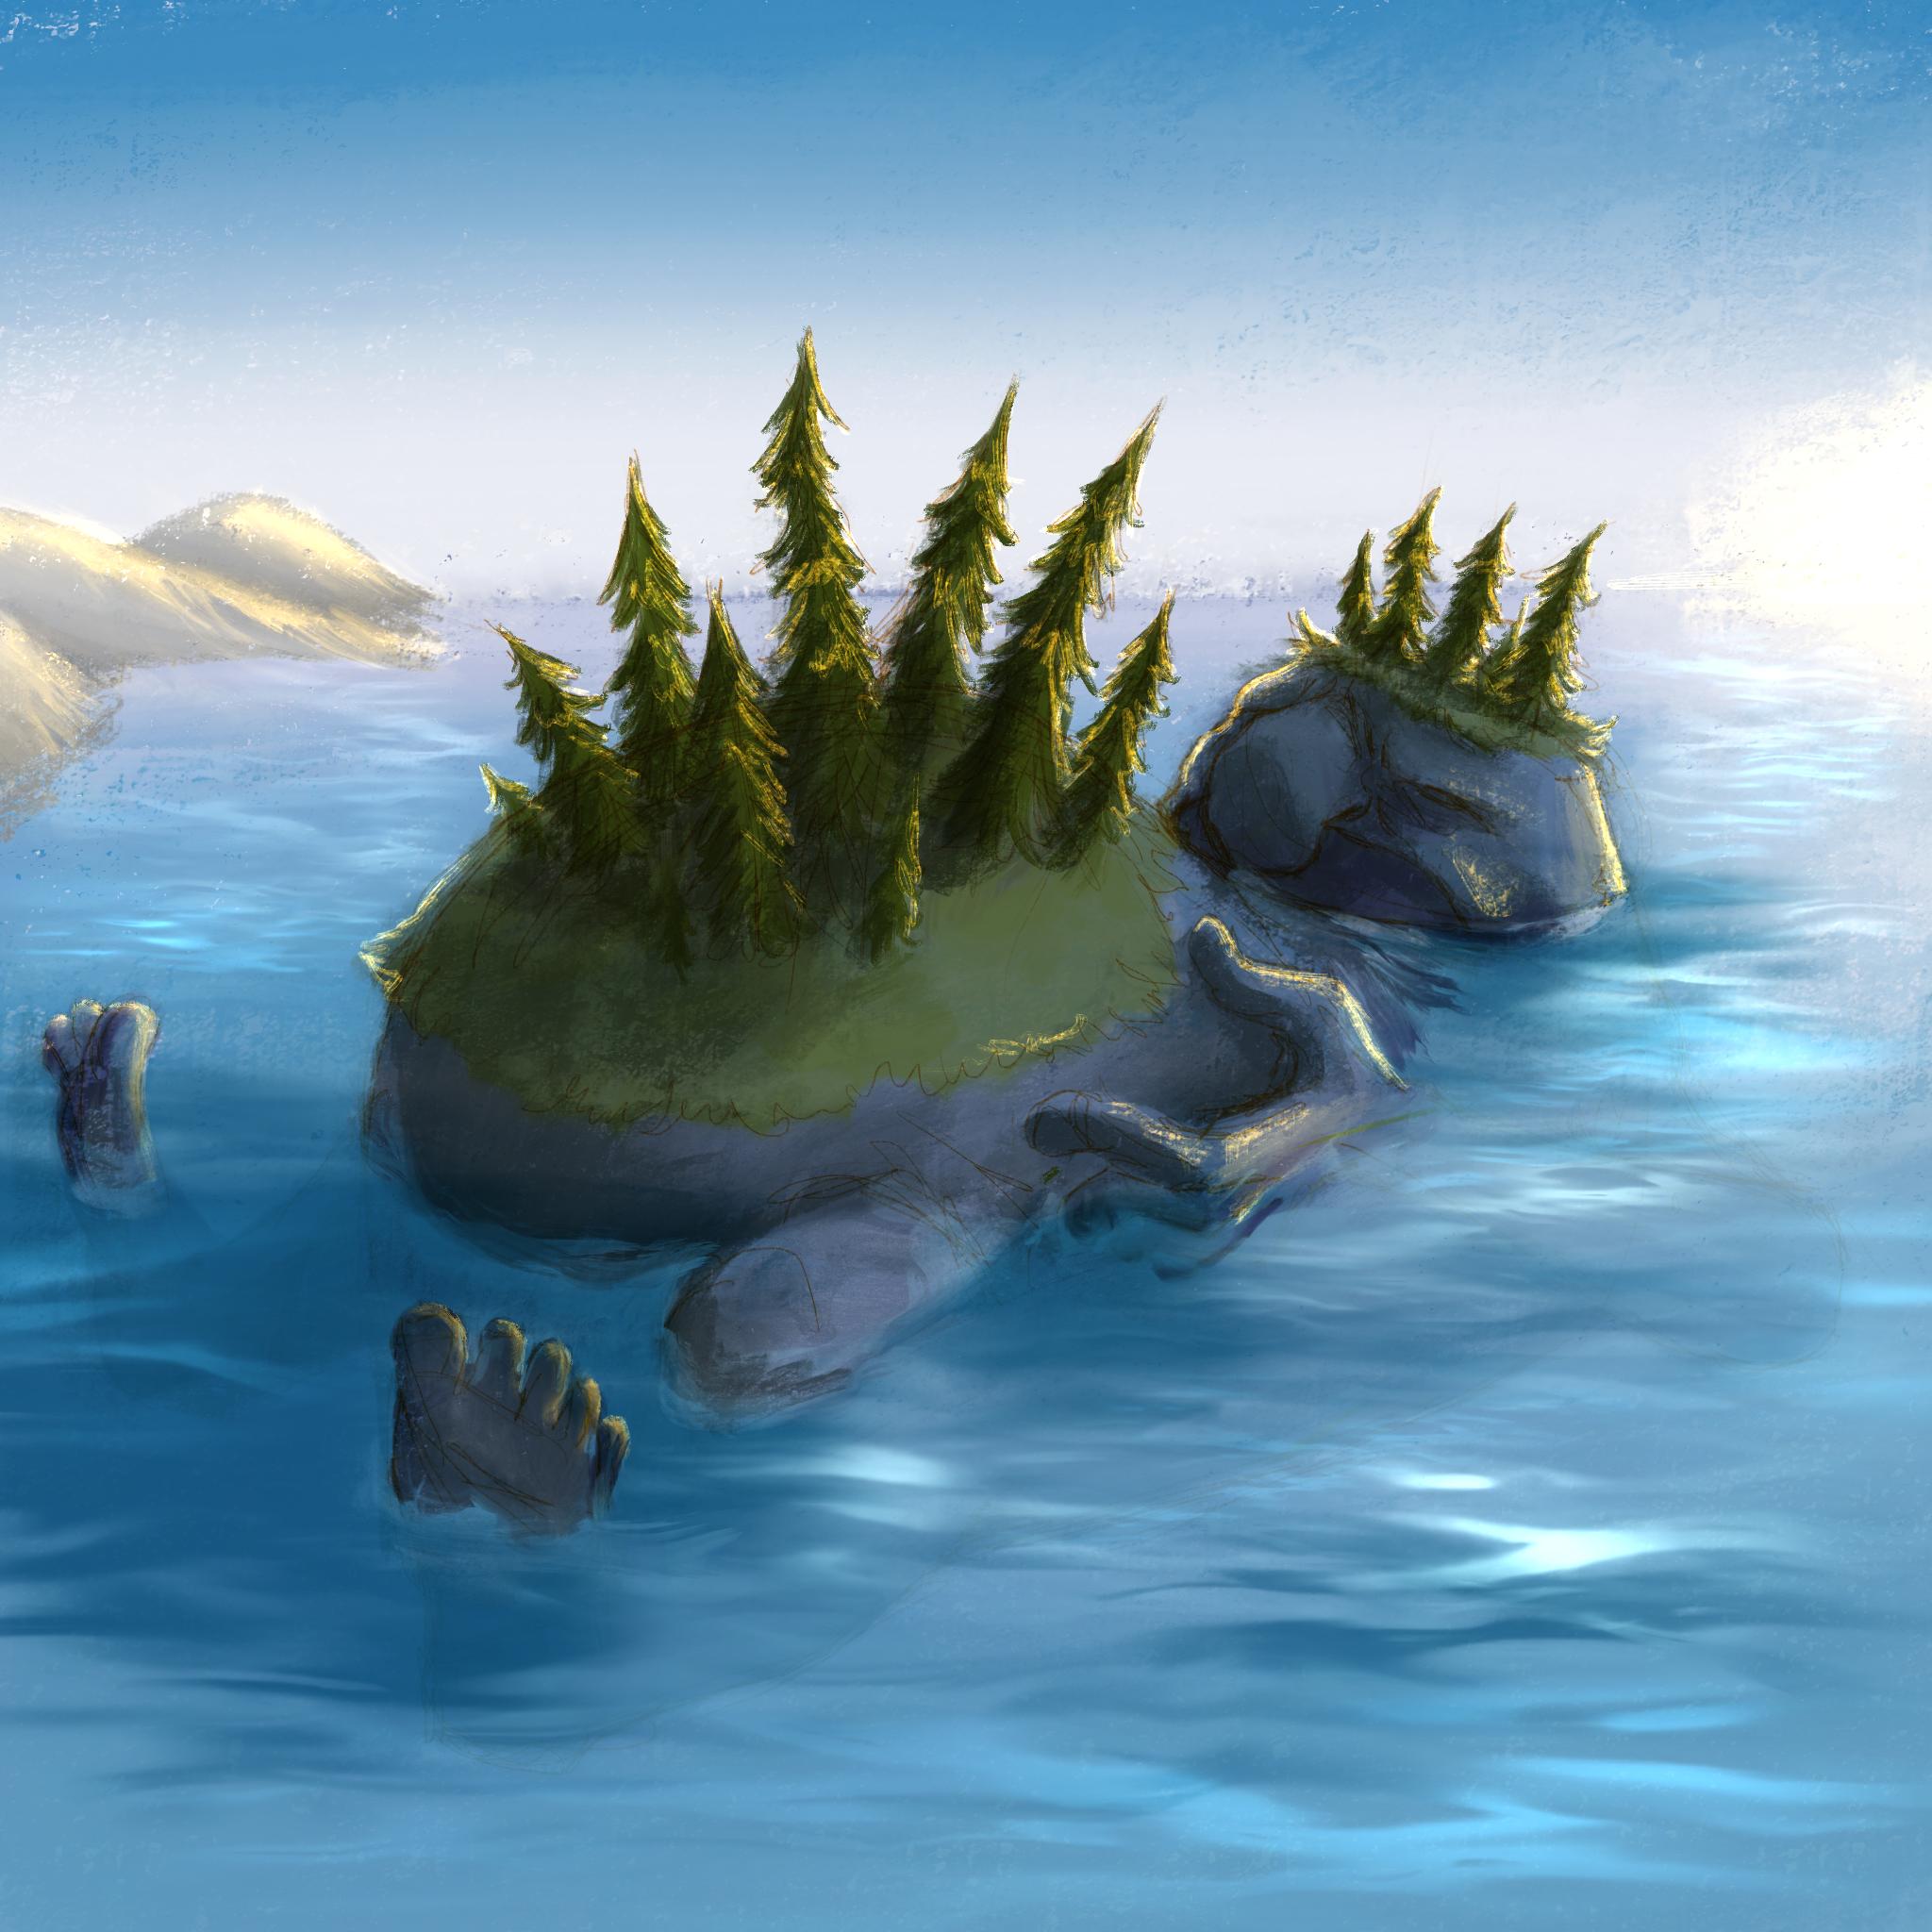 Ocean_Troll_Painting